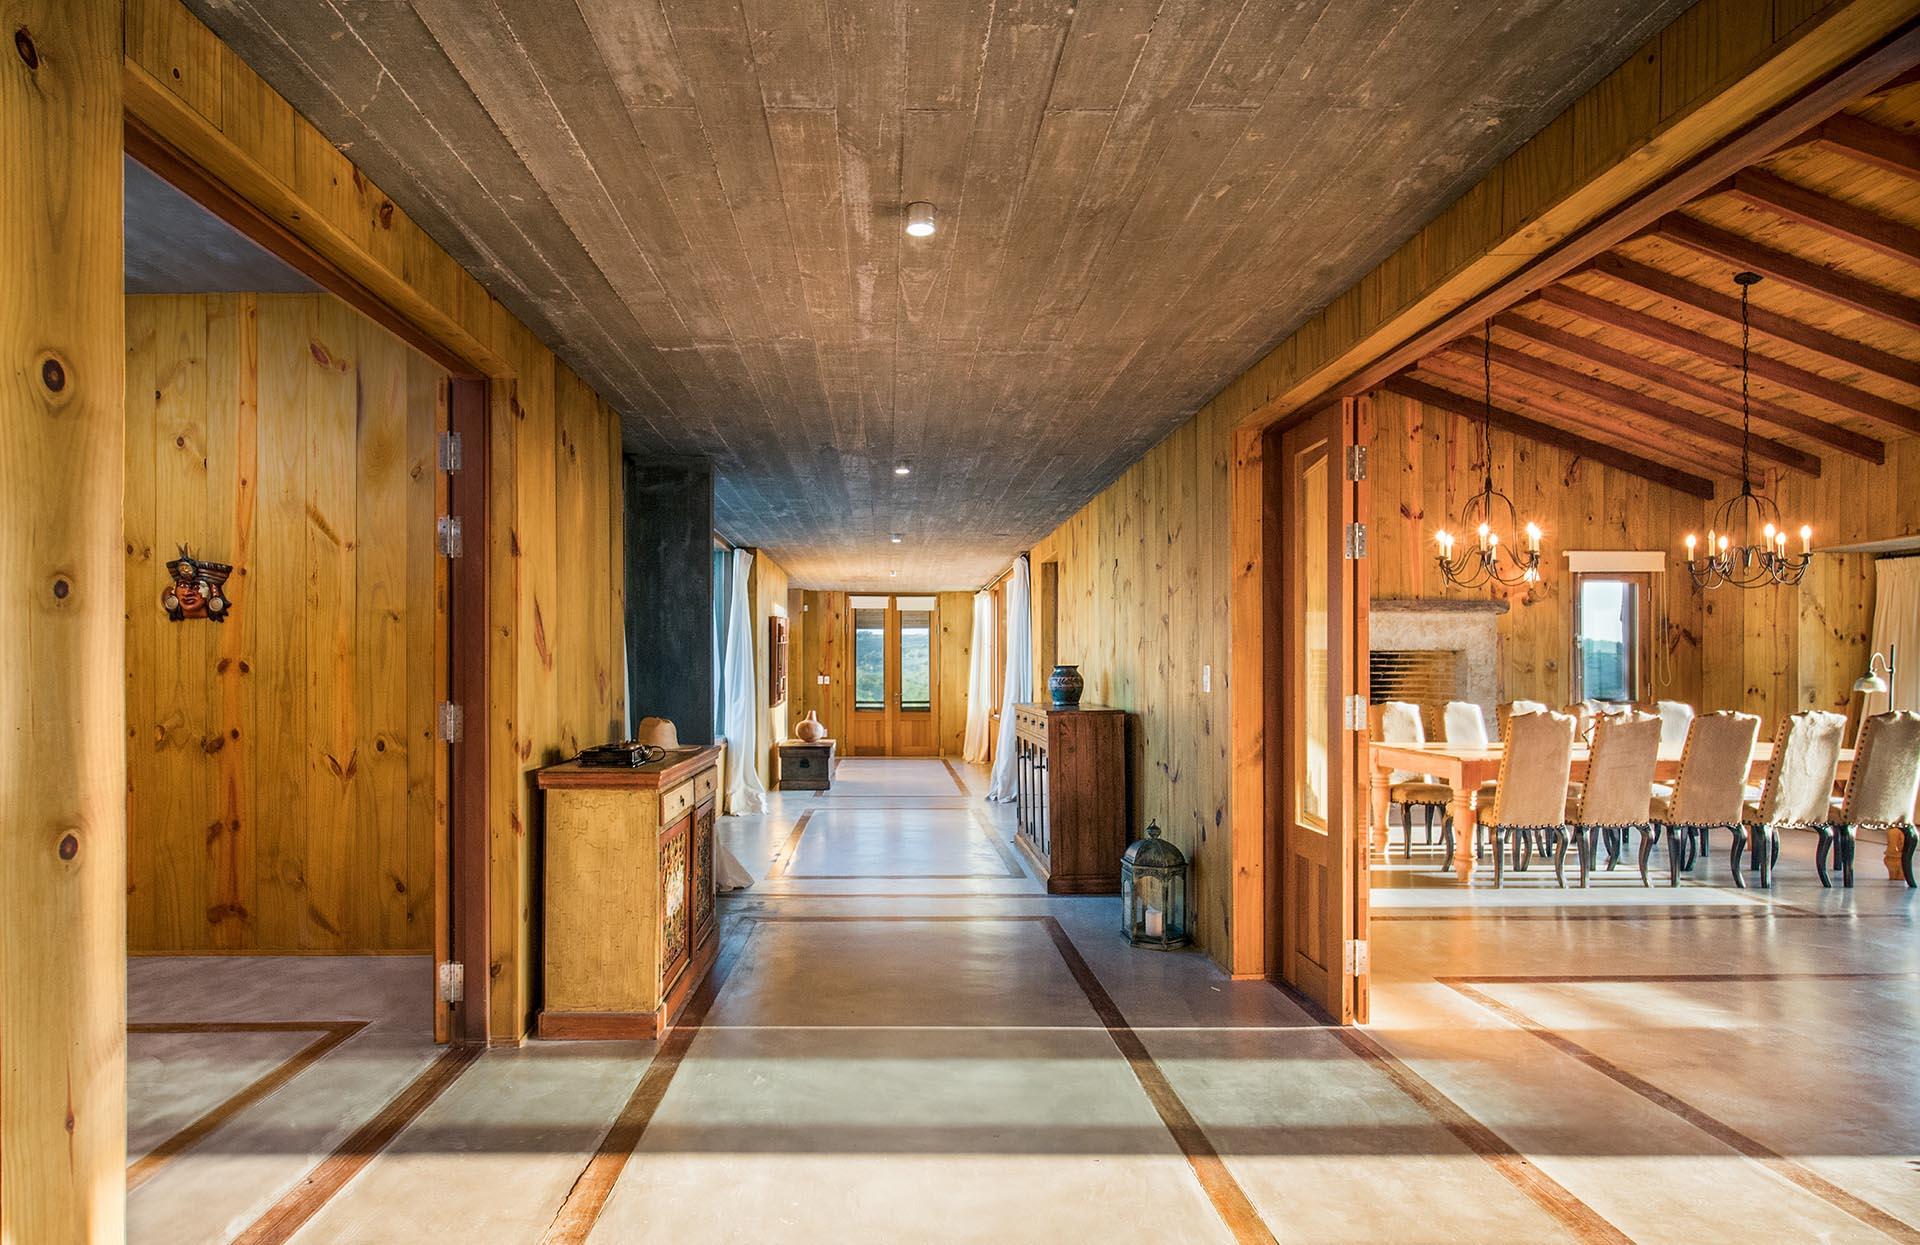 Todos los ambientes de la casa invitan a la relajación y la serenidad